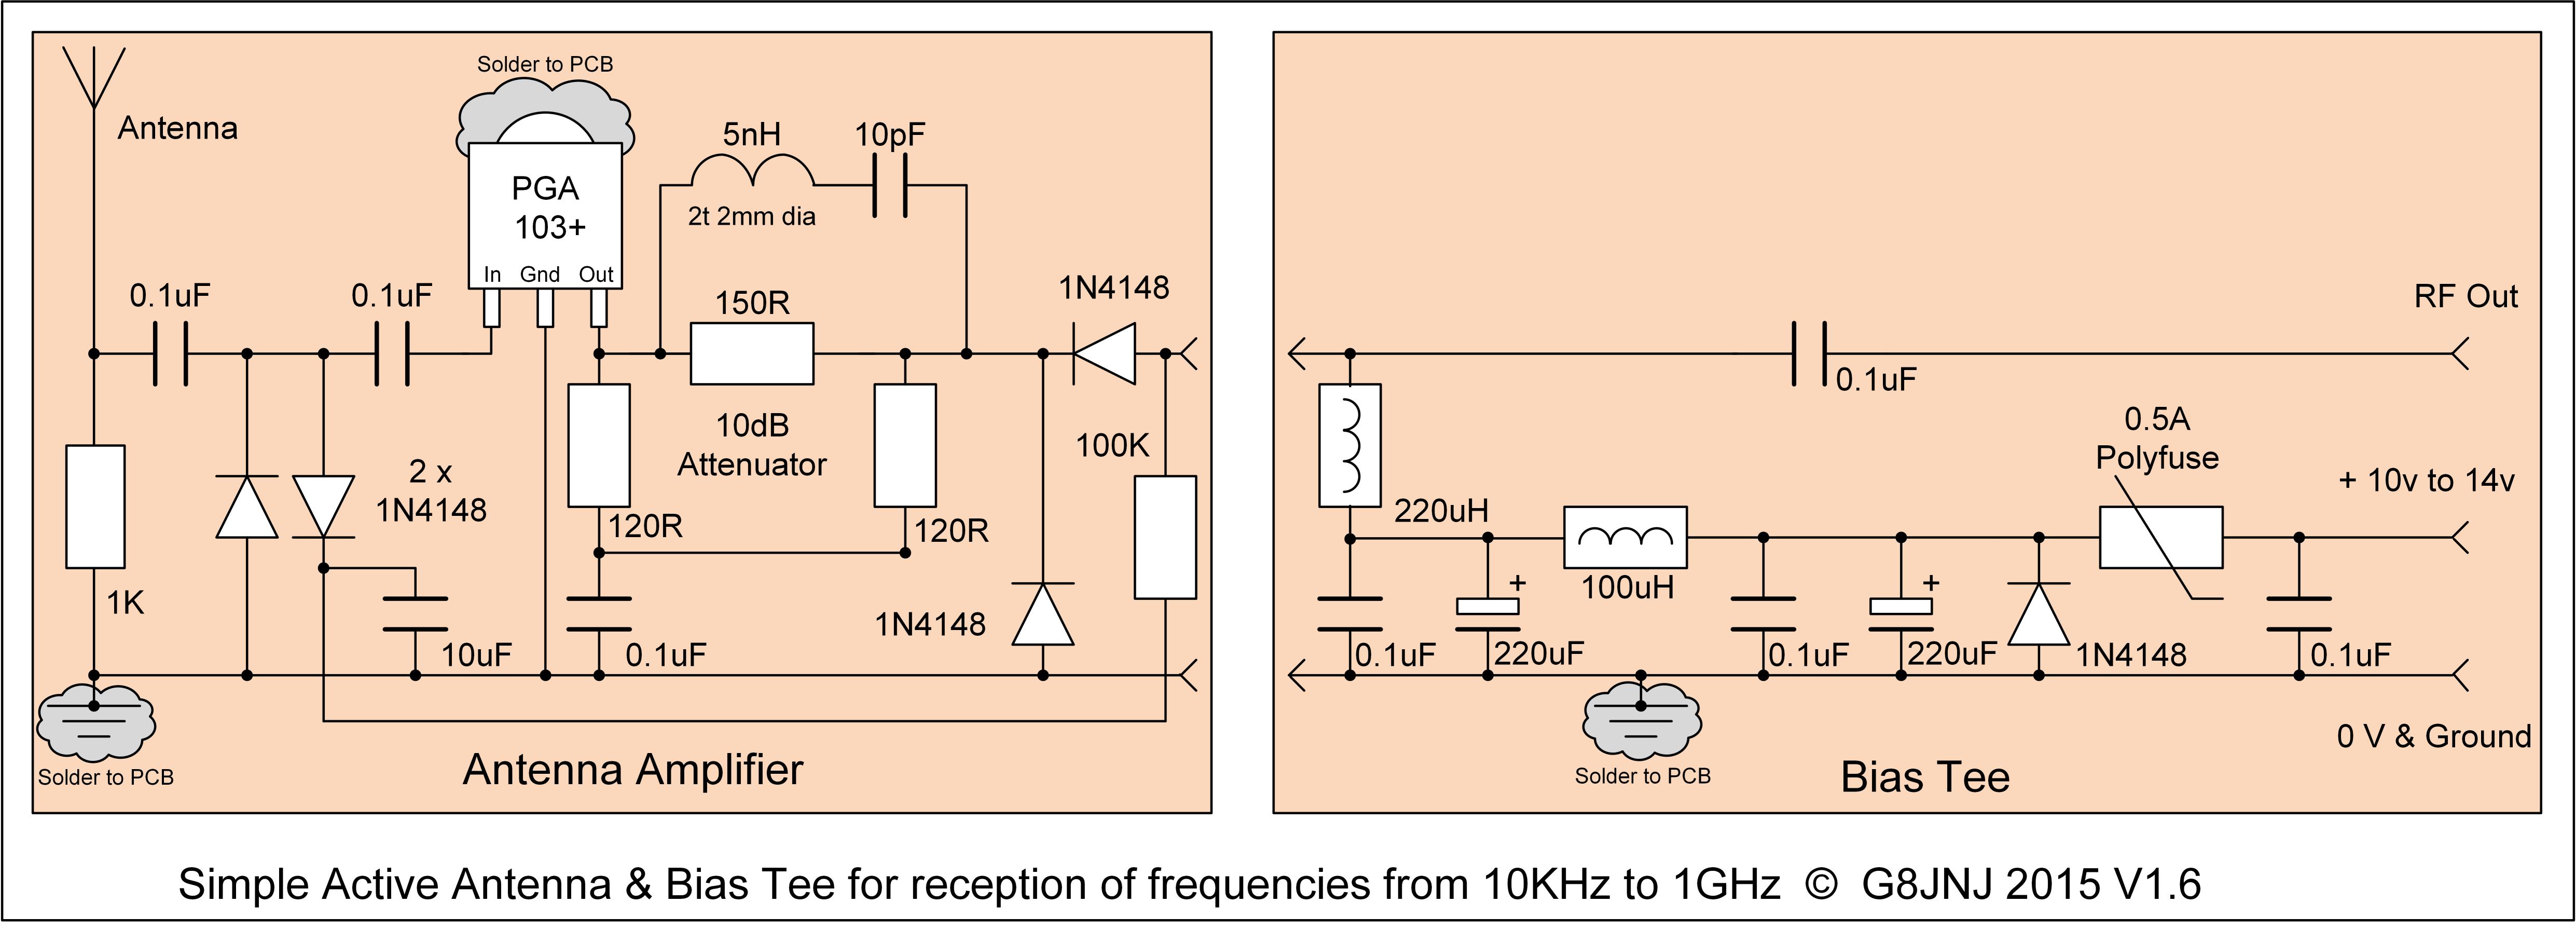 Hf Active Antenna Circuit Wiring Diagrams Computing Circuits Freecircuitsnet Martin G8jnj Antennas Rh Net Homemade Kit